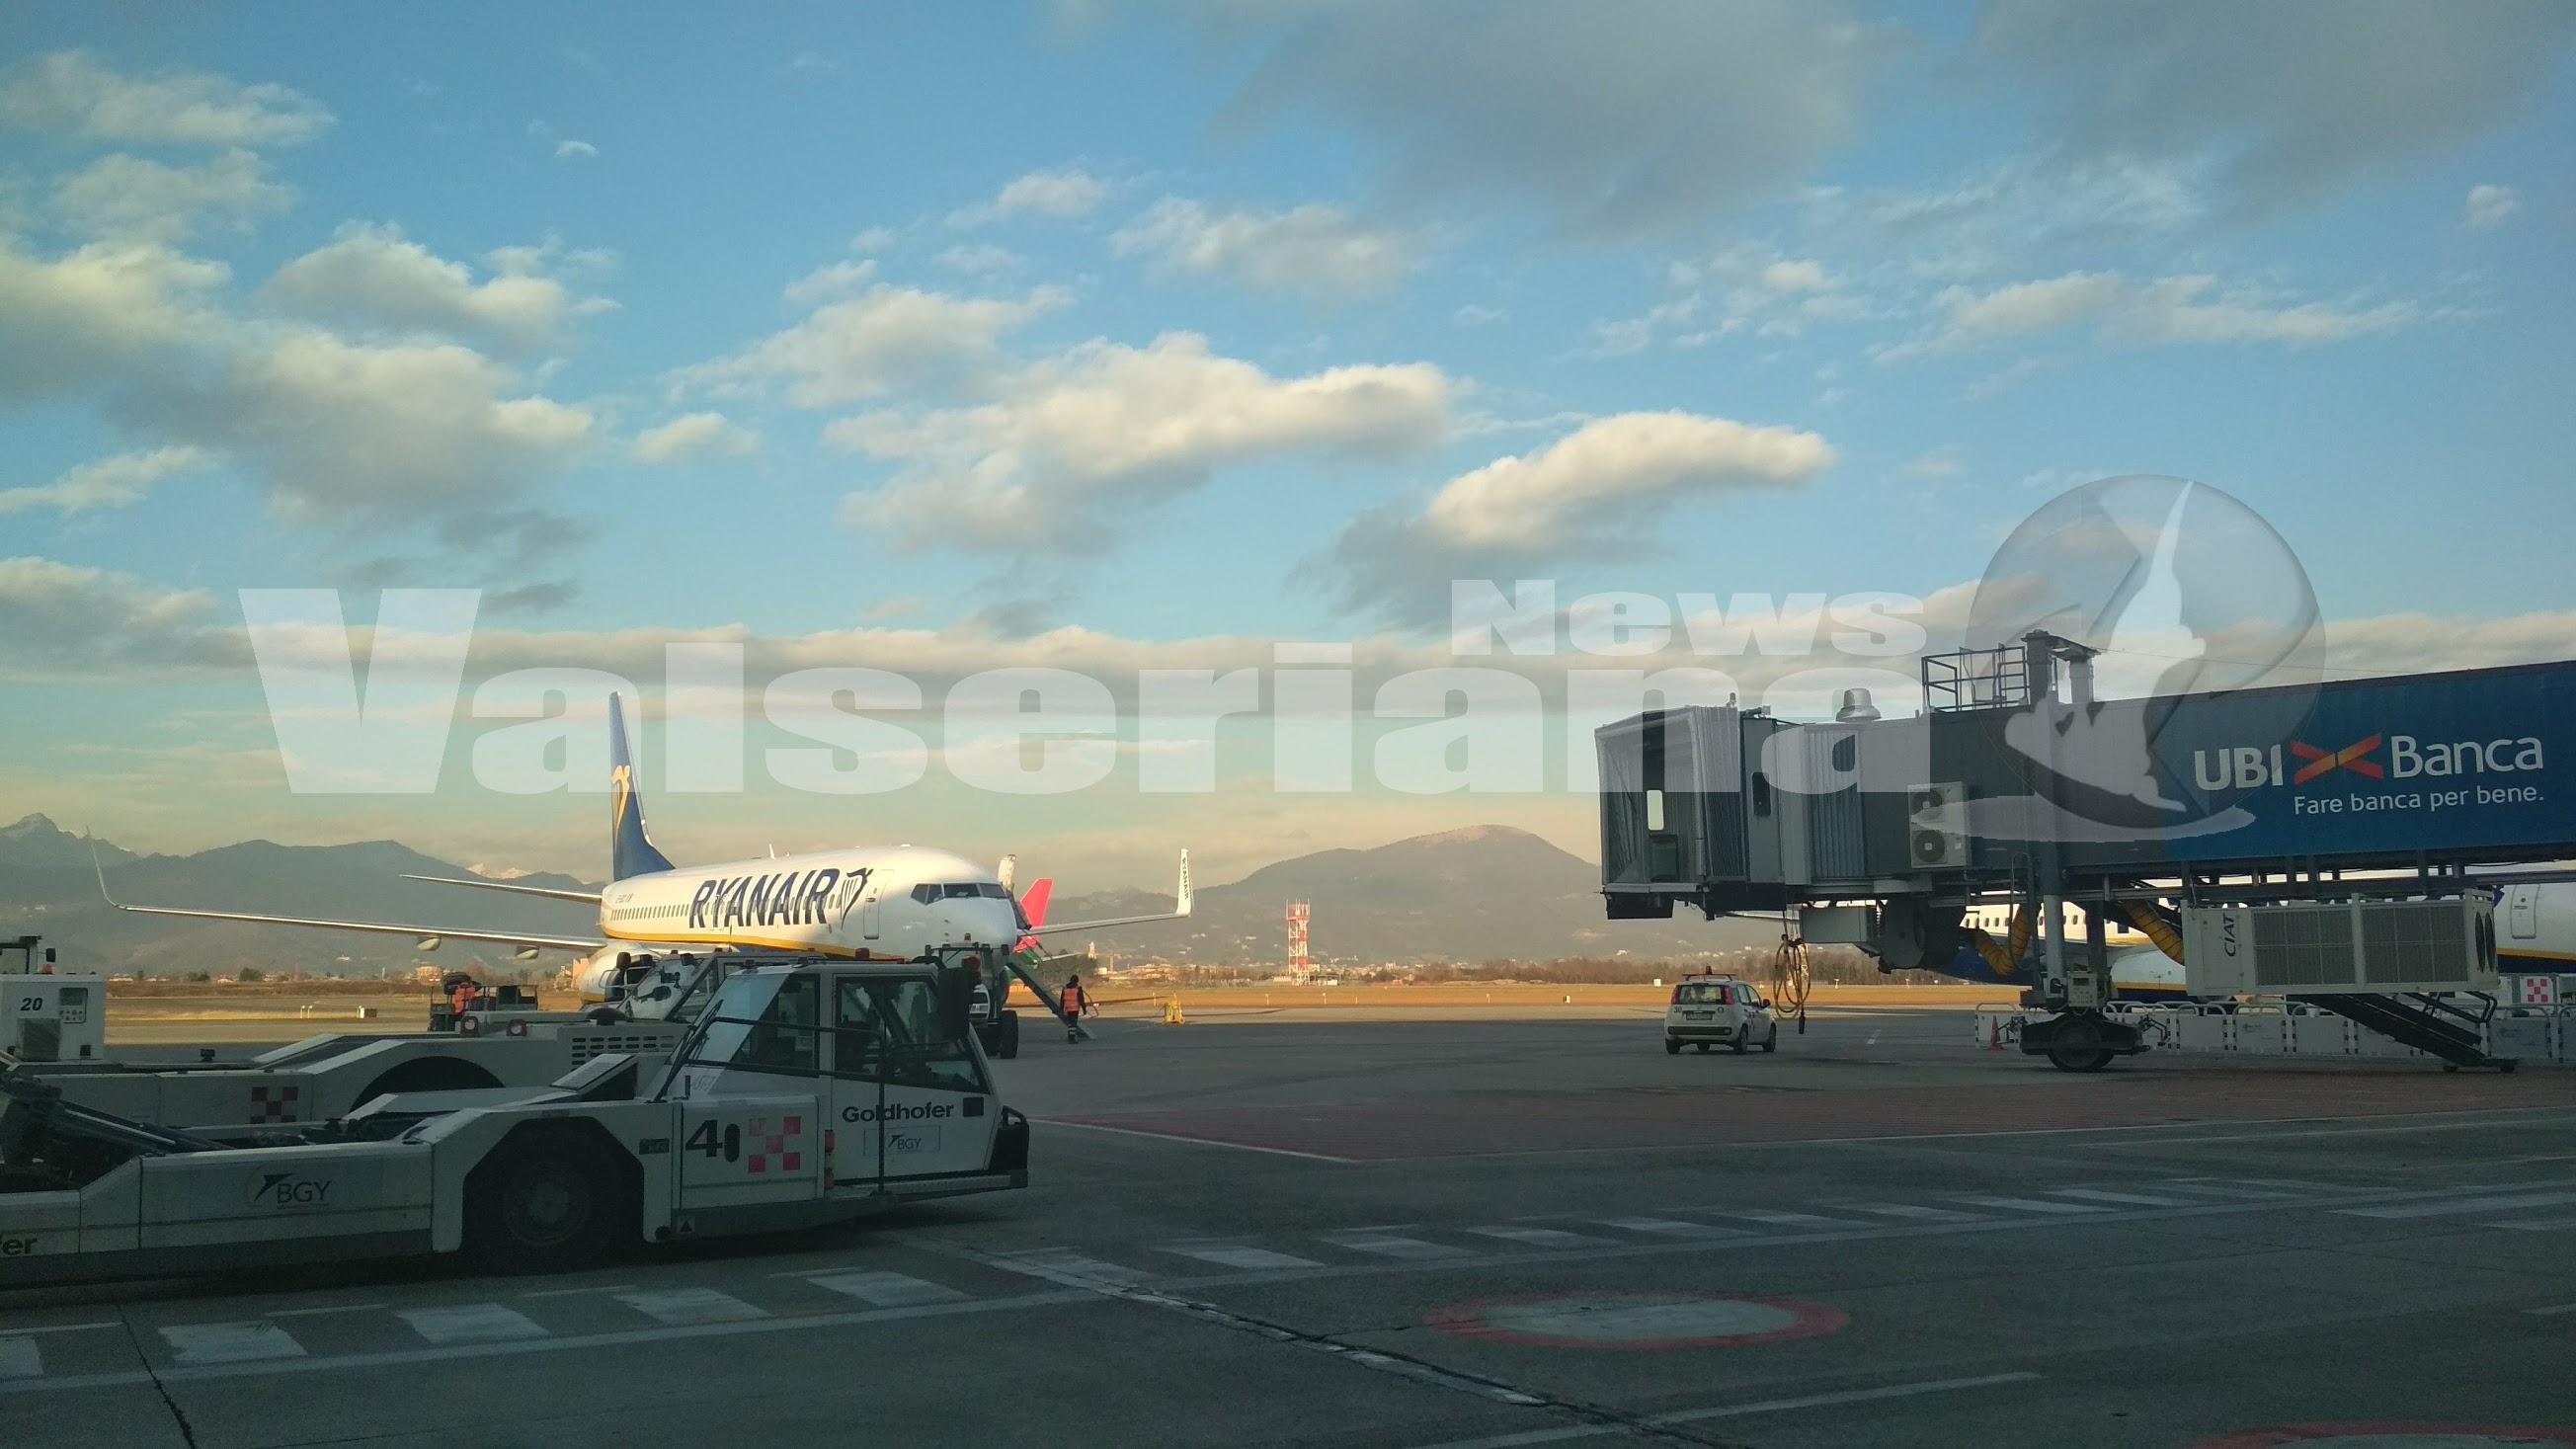 Aeroporto Orio : Bergamo aereo cargo esce di pista chiuso l aeroporto di orio al